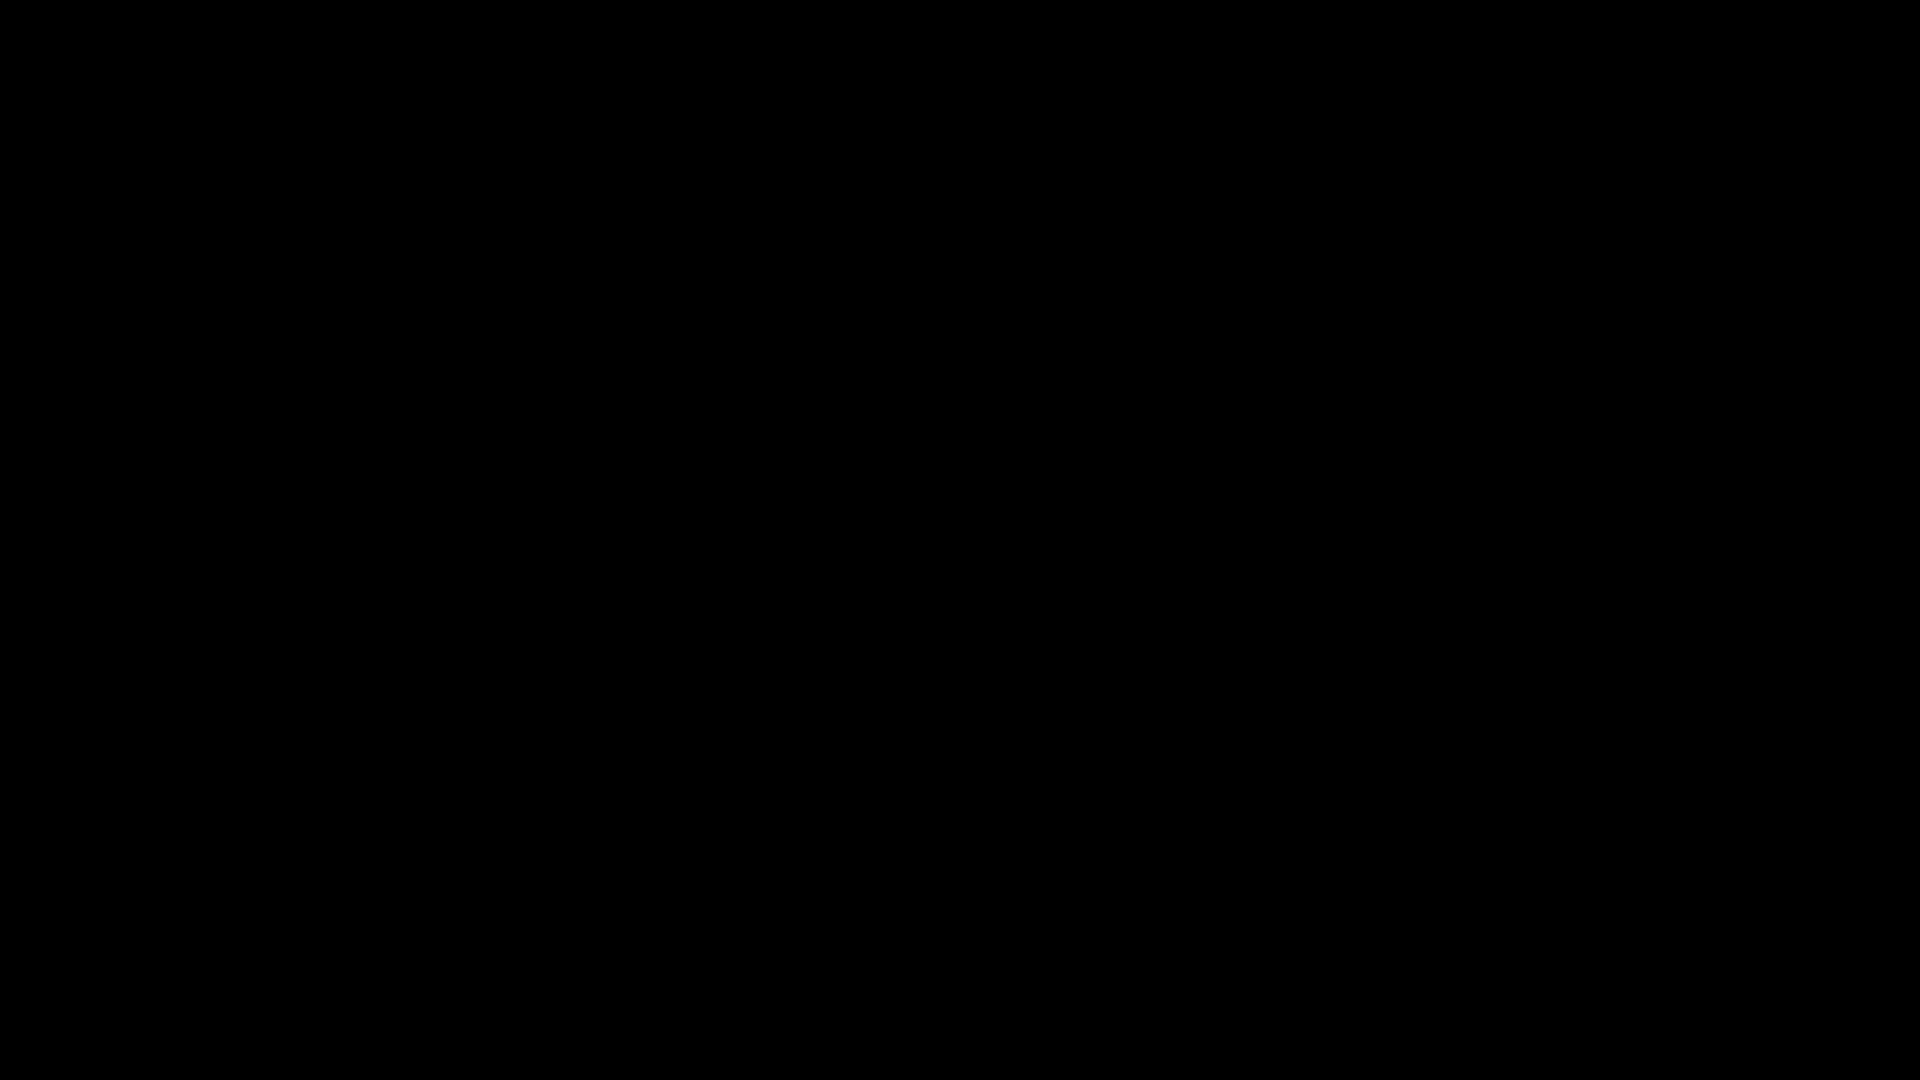 HeadshotBug GIFs